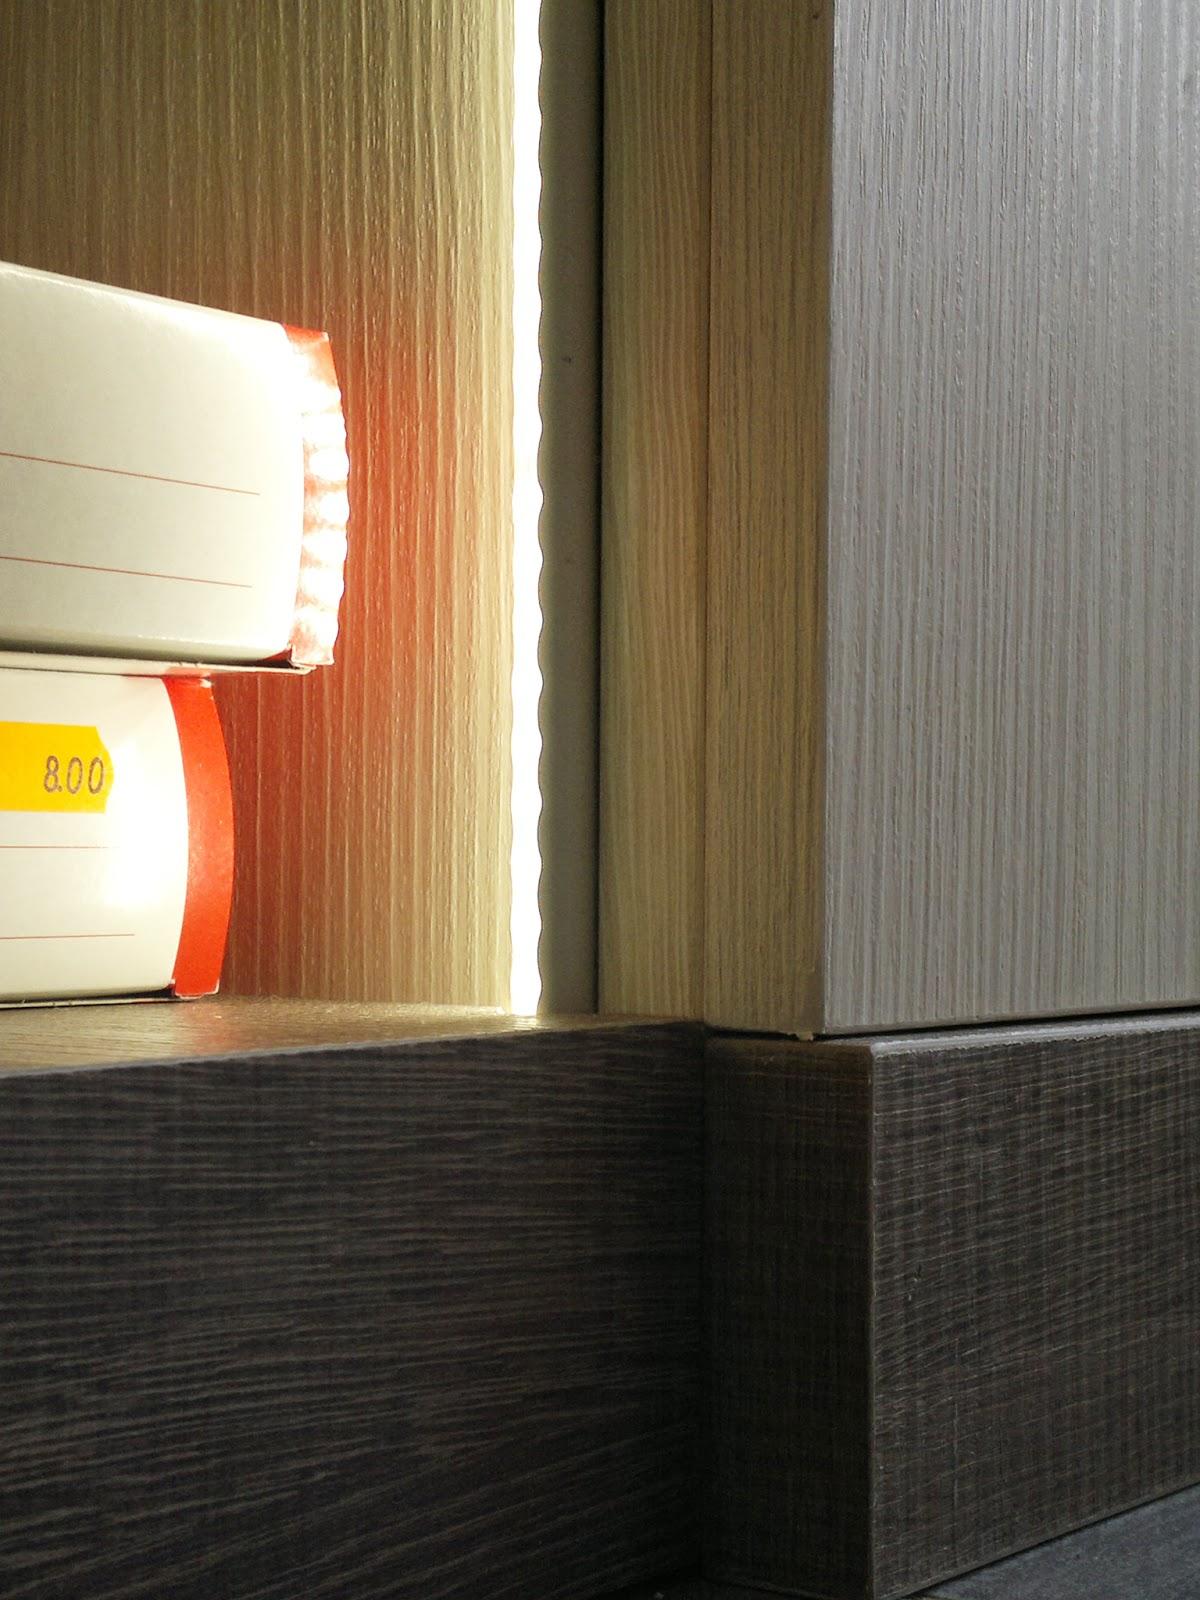 Illuminazione led casa illuminazione a led per la nuova for Led per illuminazione